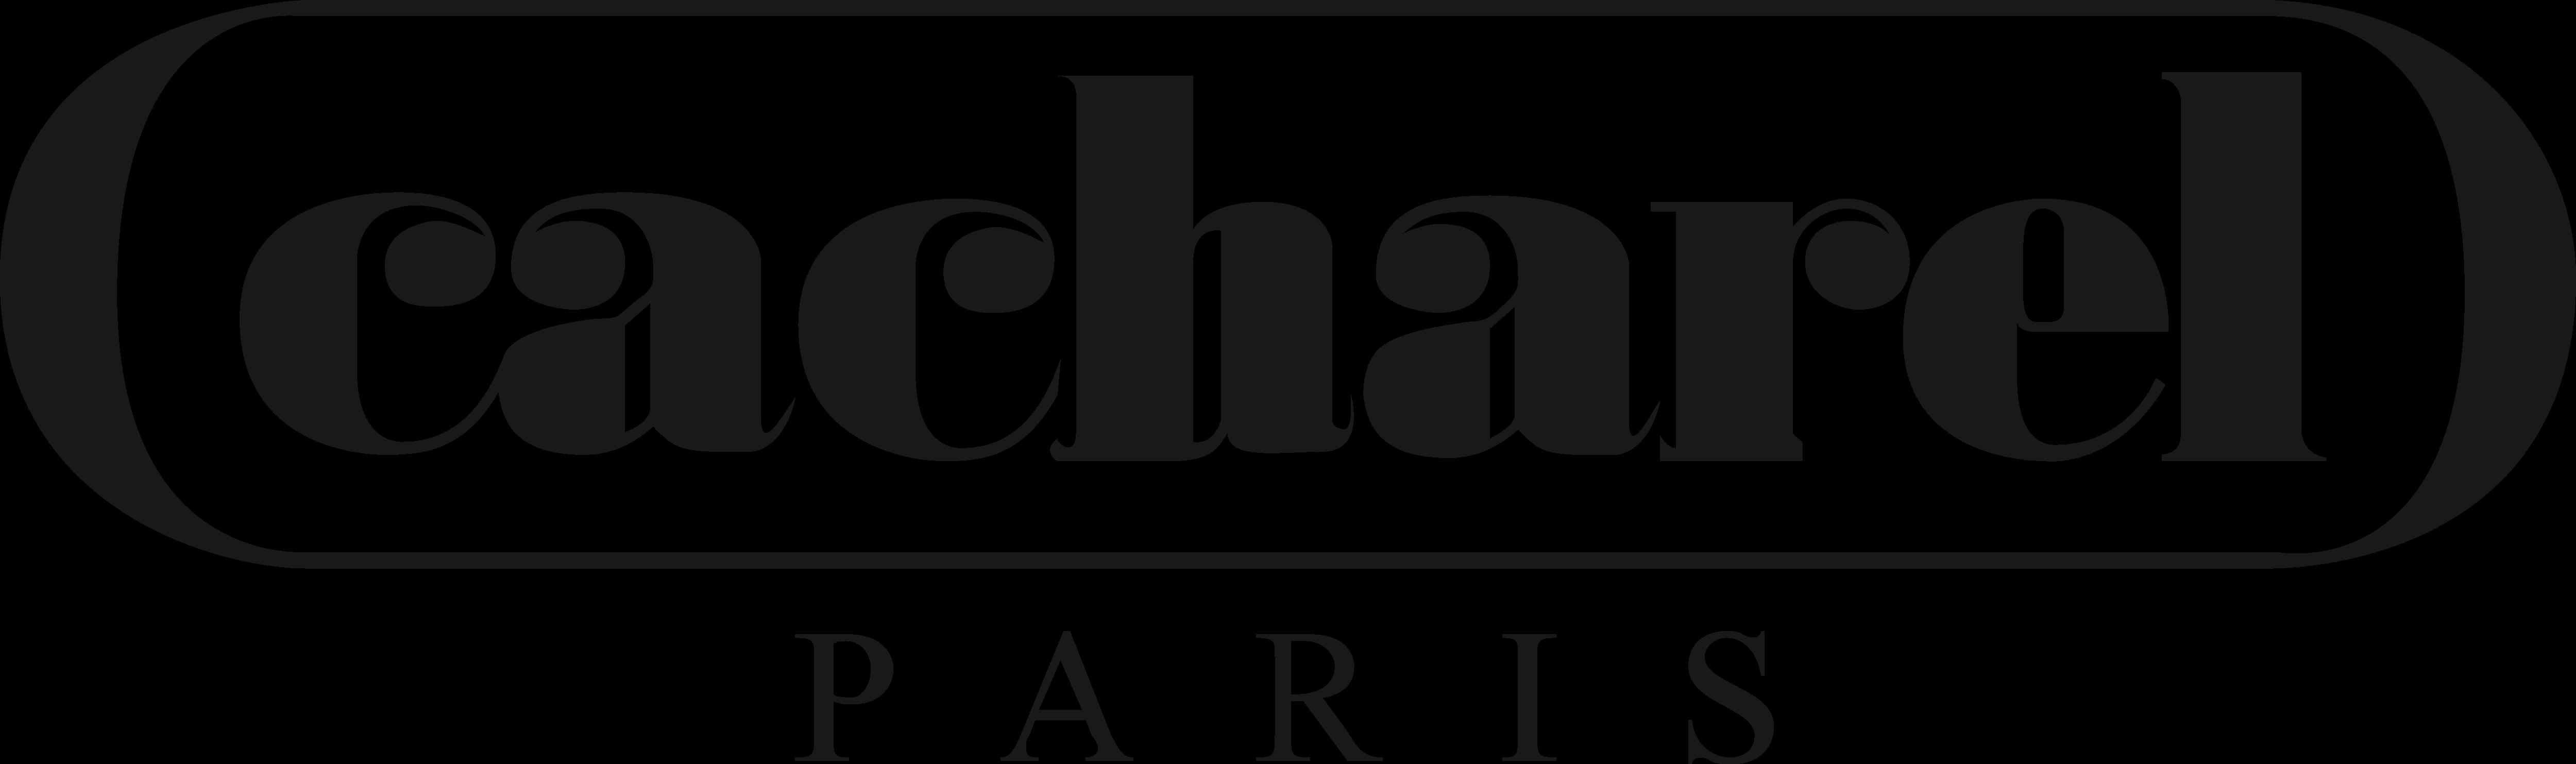 cacharel.com